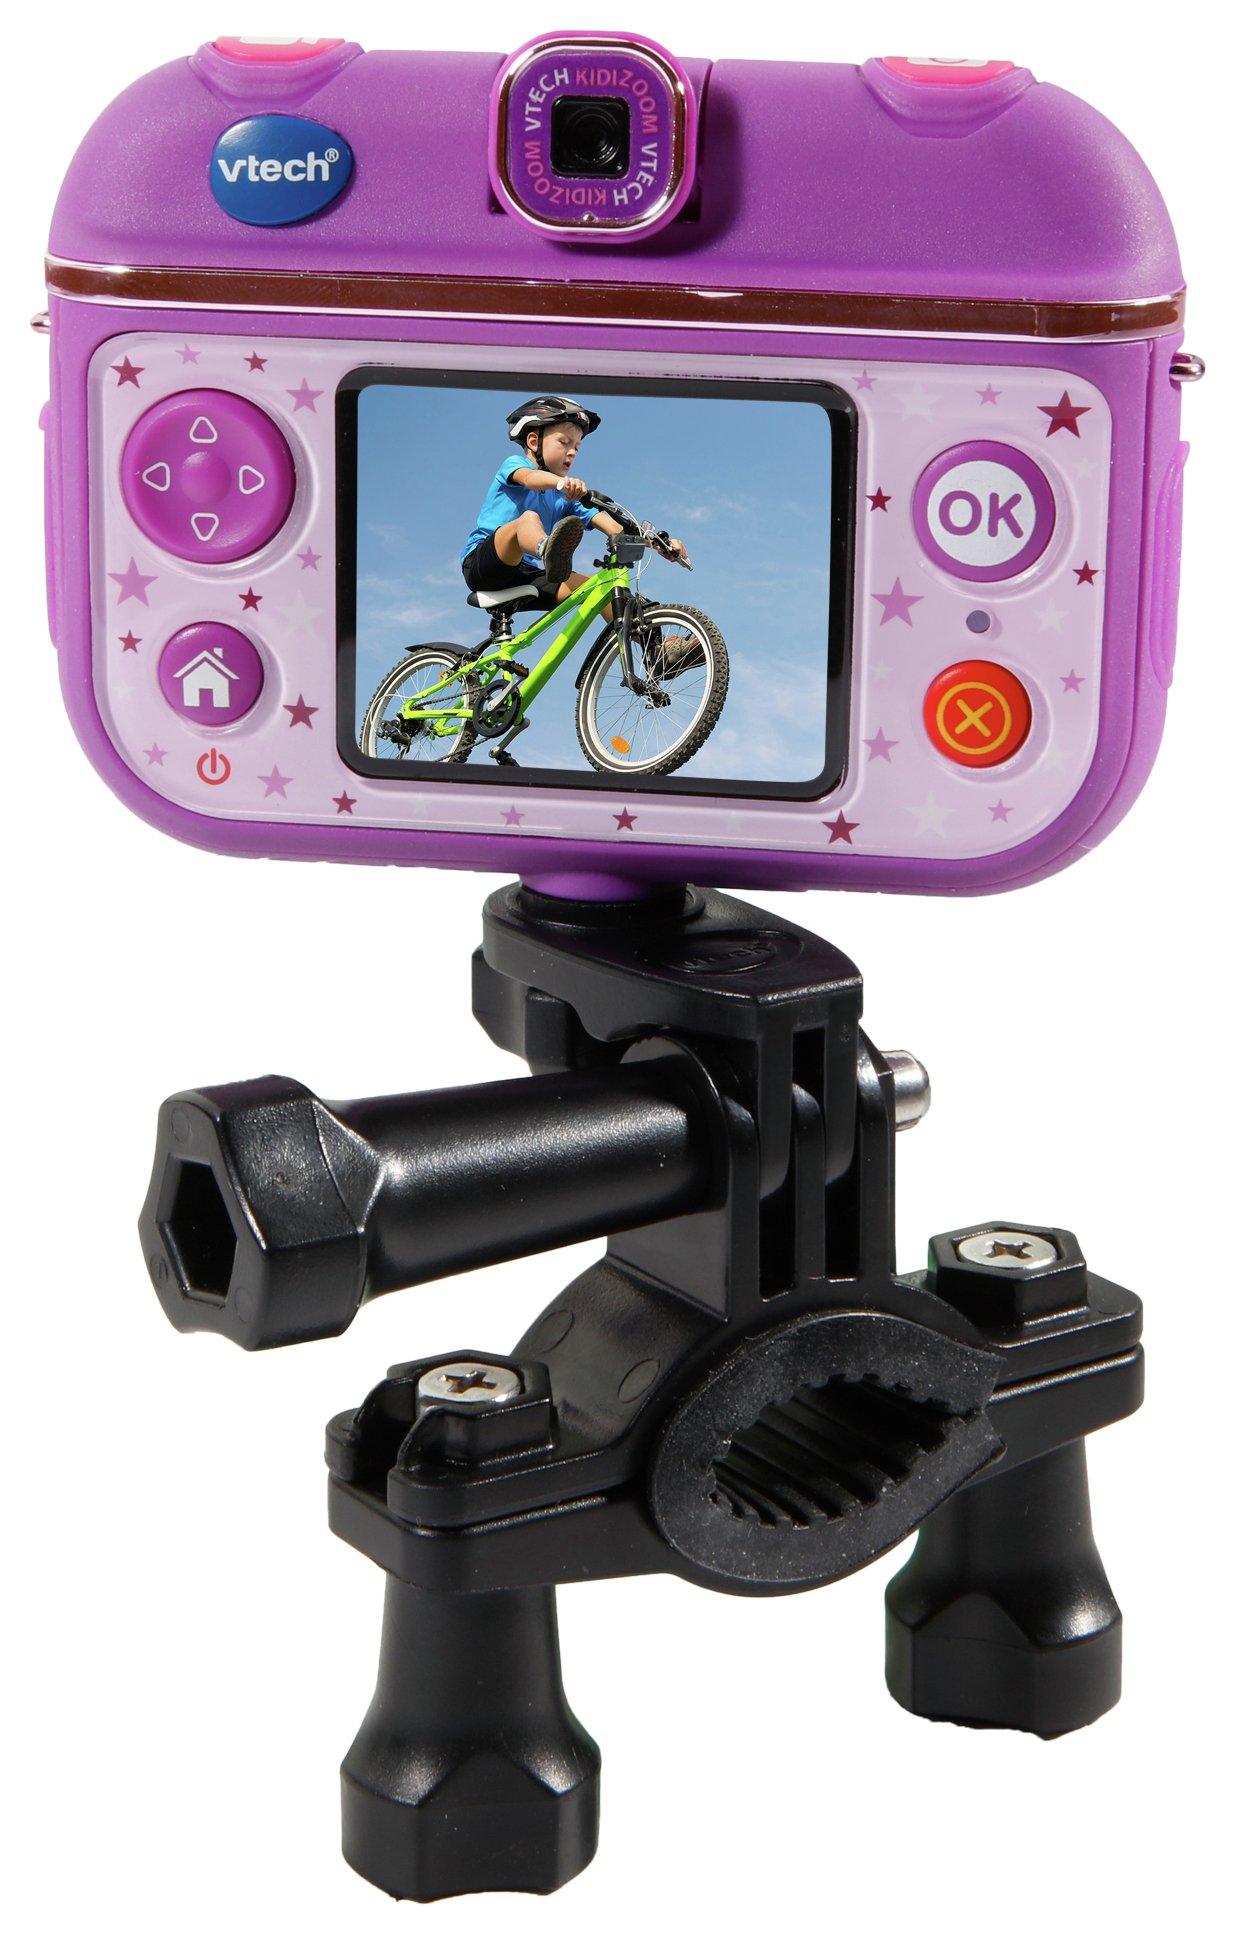 vtech-kidizoom-action-cam-180-pink